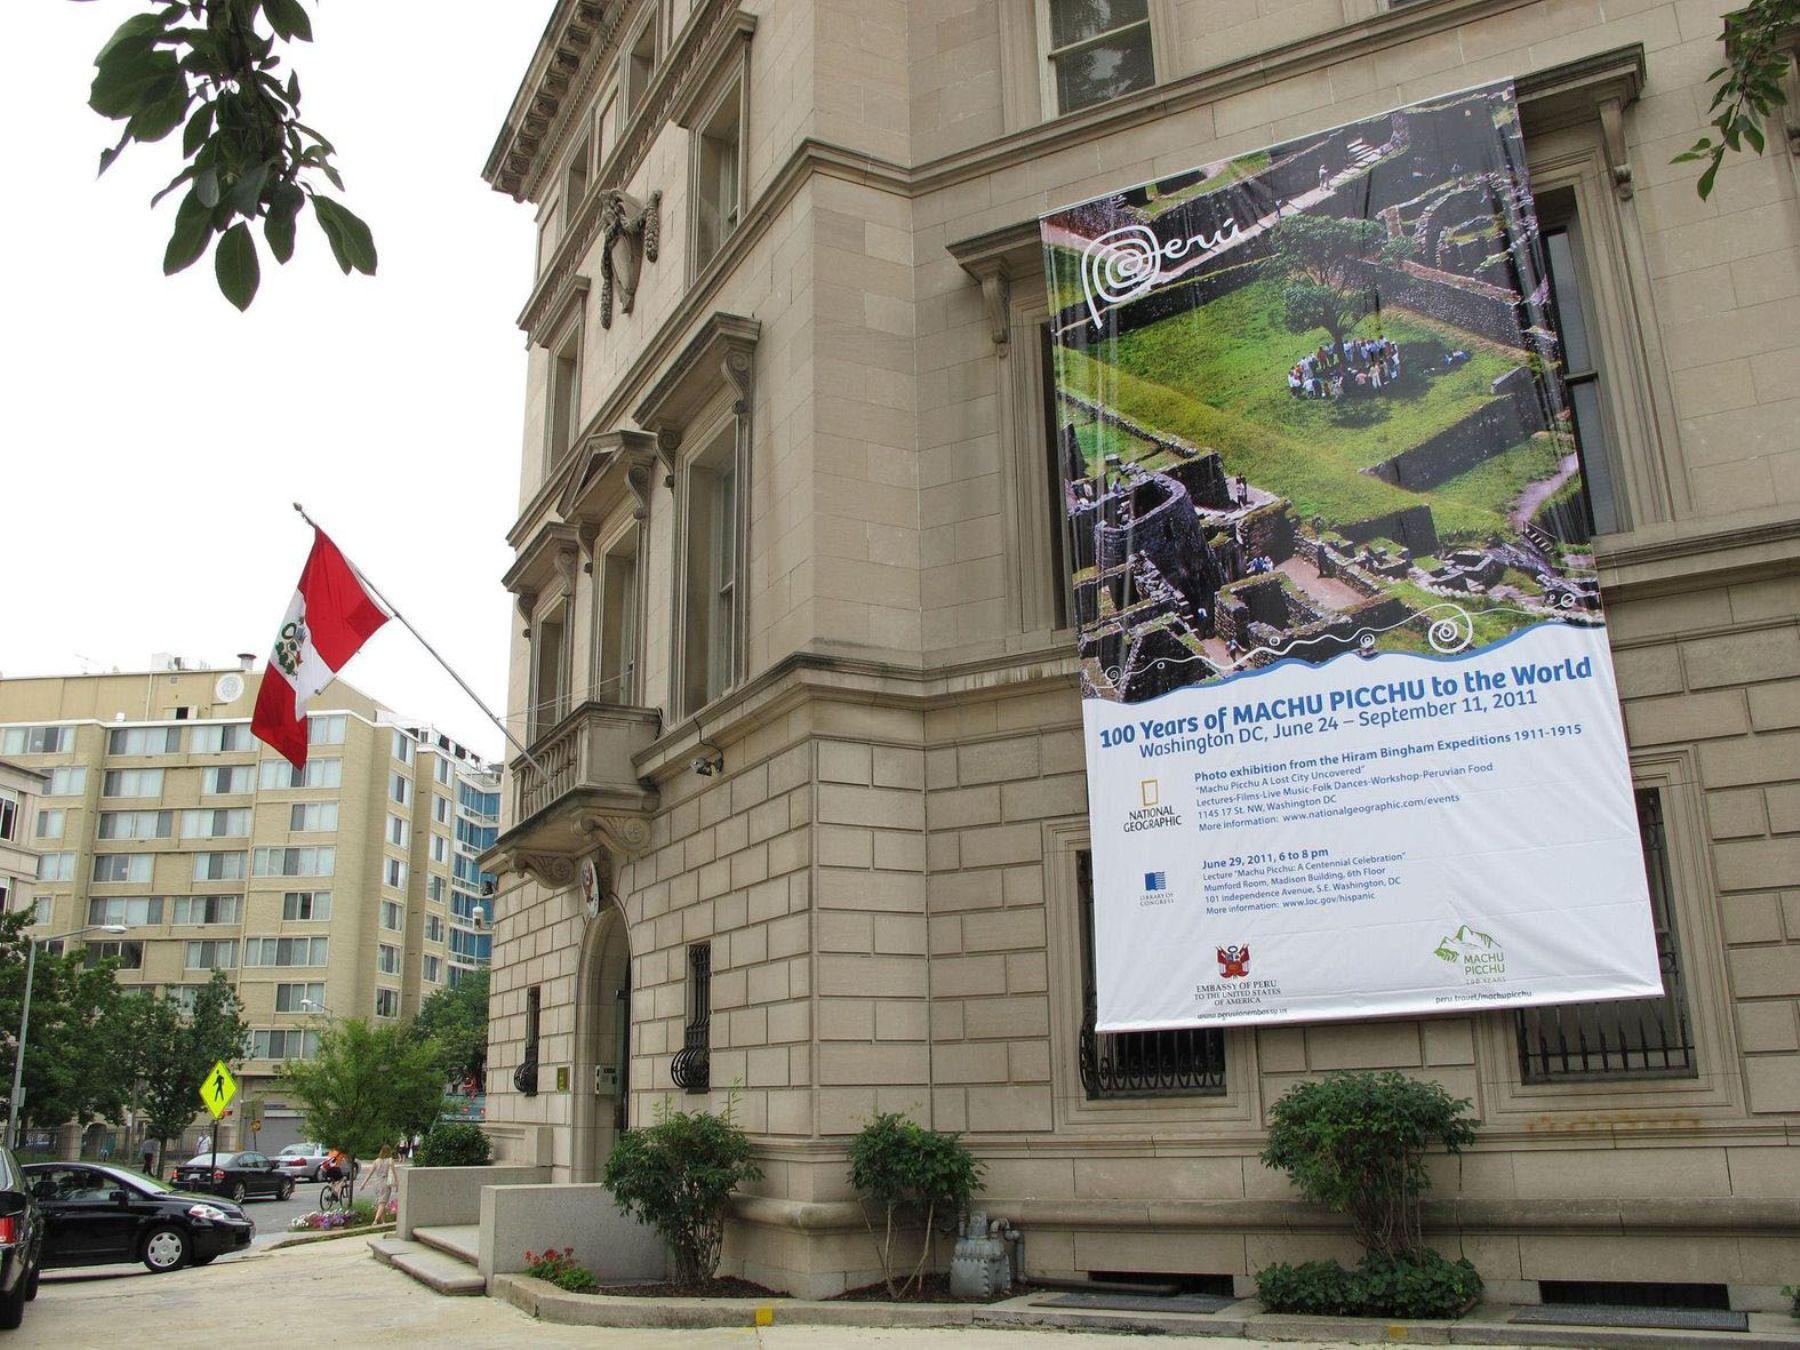 La Embajada del Perú en Washington luce gigantografias que anuncian la conmemoración del Centenario del Descrubrimiento de Machu Picchu para el Mundo. Foto: ANDINA/ Embaja del Perú